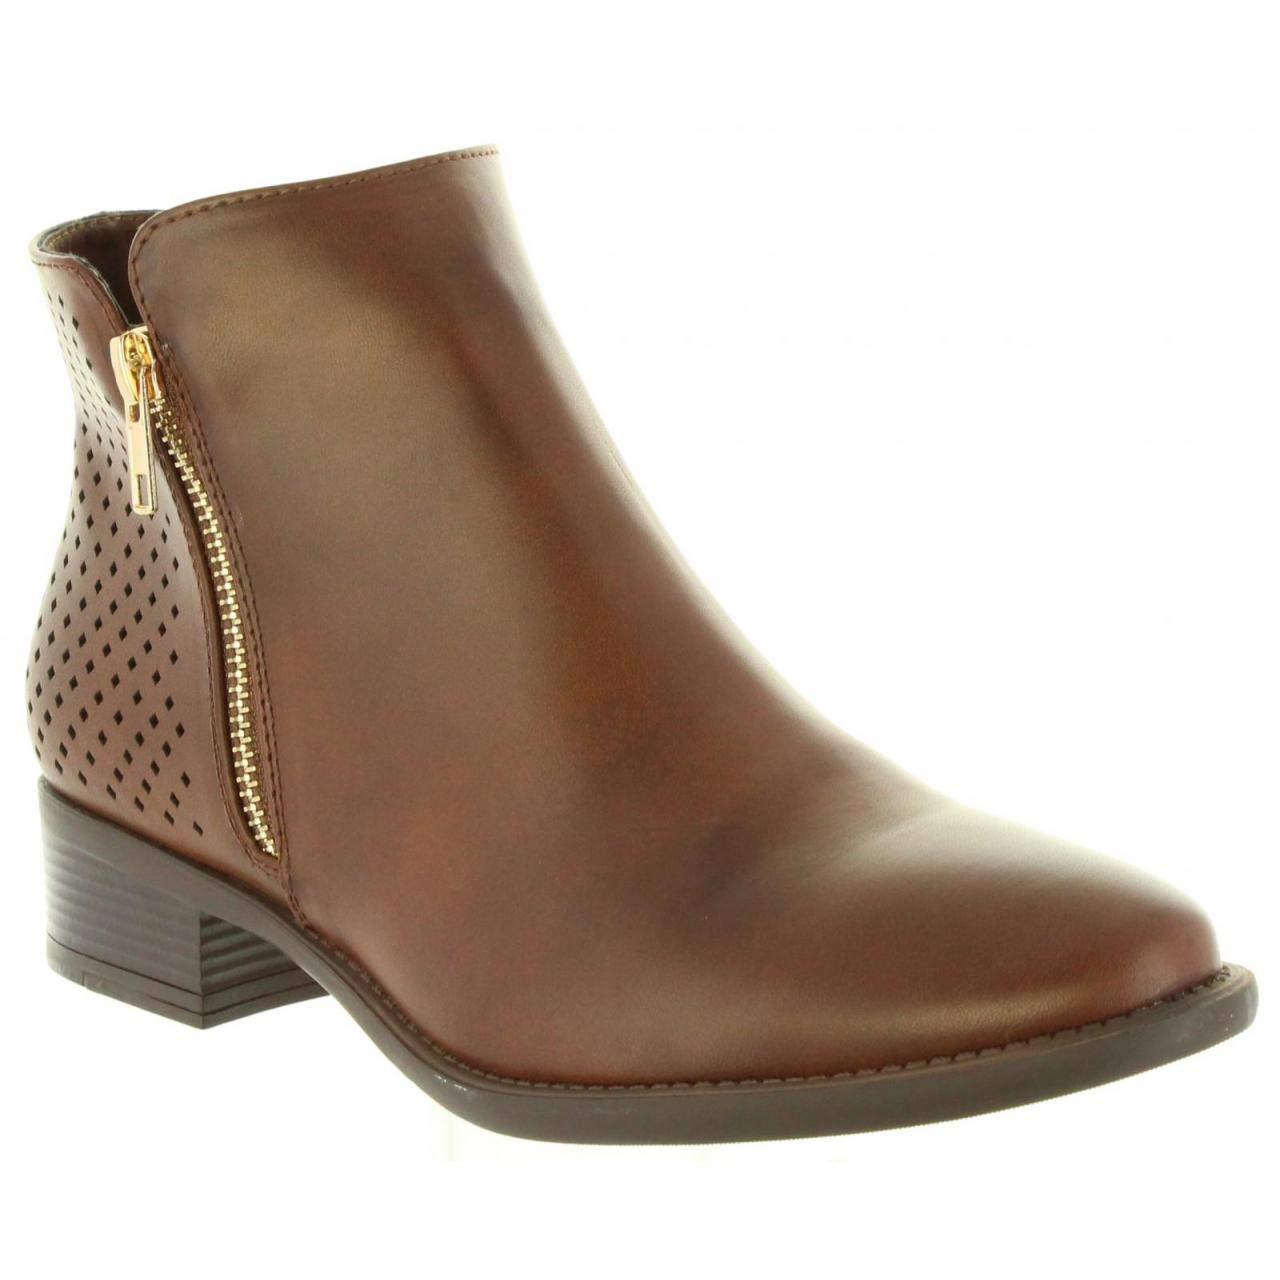 Botines de Mujer MARIA MARE 62333 C43324 Lotus Castano: Amazon.es: Zapatos y complementos